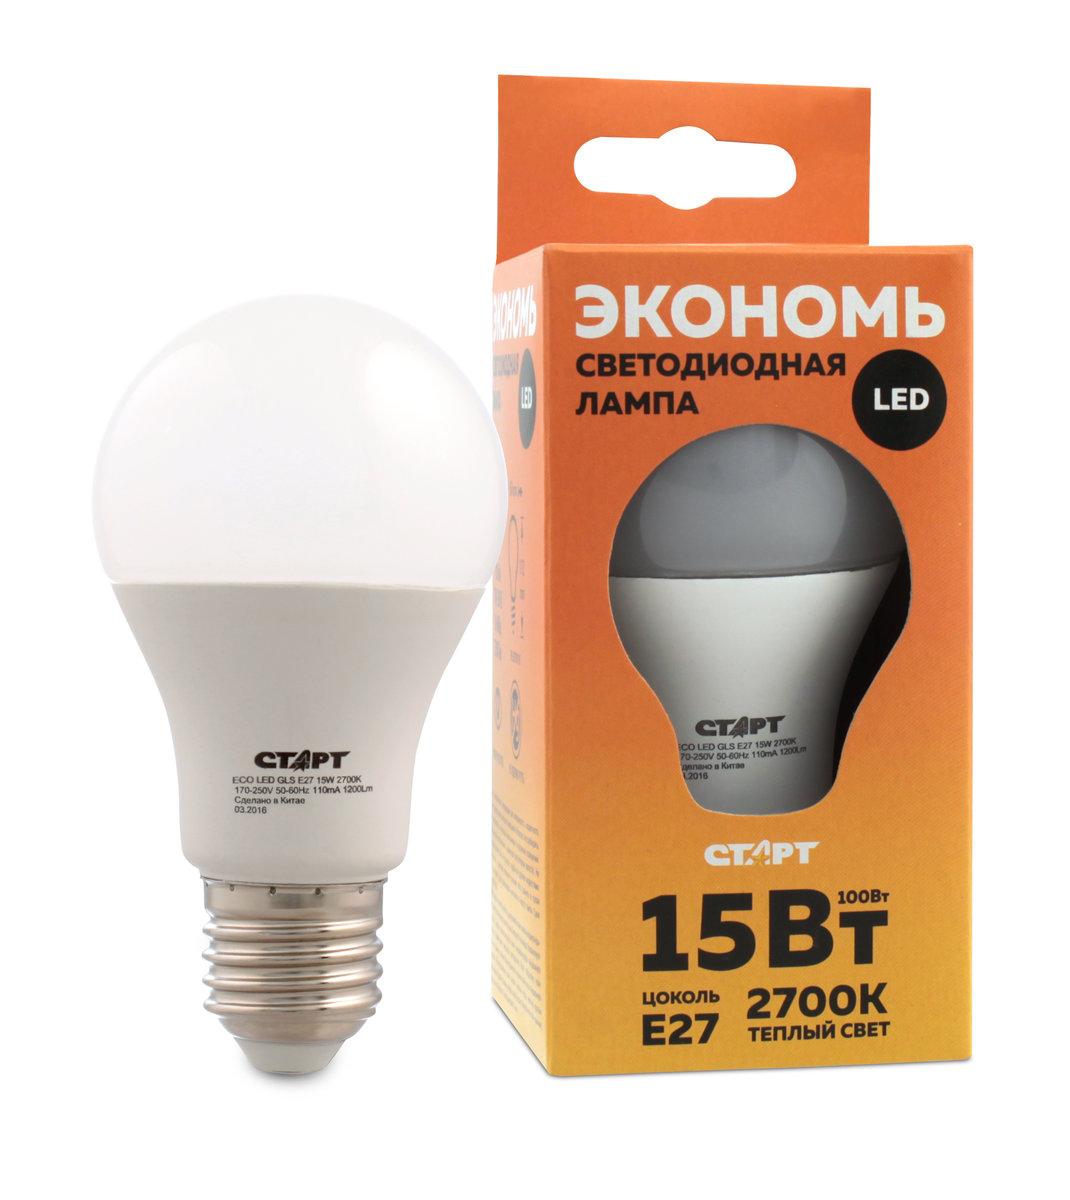 Лампа светодиодная СТАРТ Eco Лон, телпый свет, цоколь E27, 15W10664Лампа светодиодная СТАРТ Eco Лон, телпый свет, цоколь E27, 15W